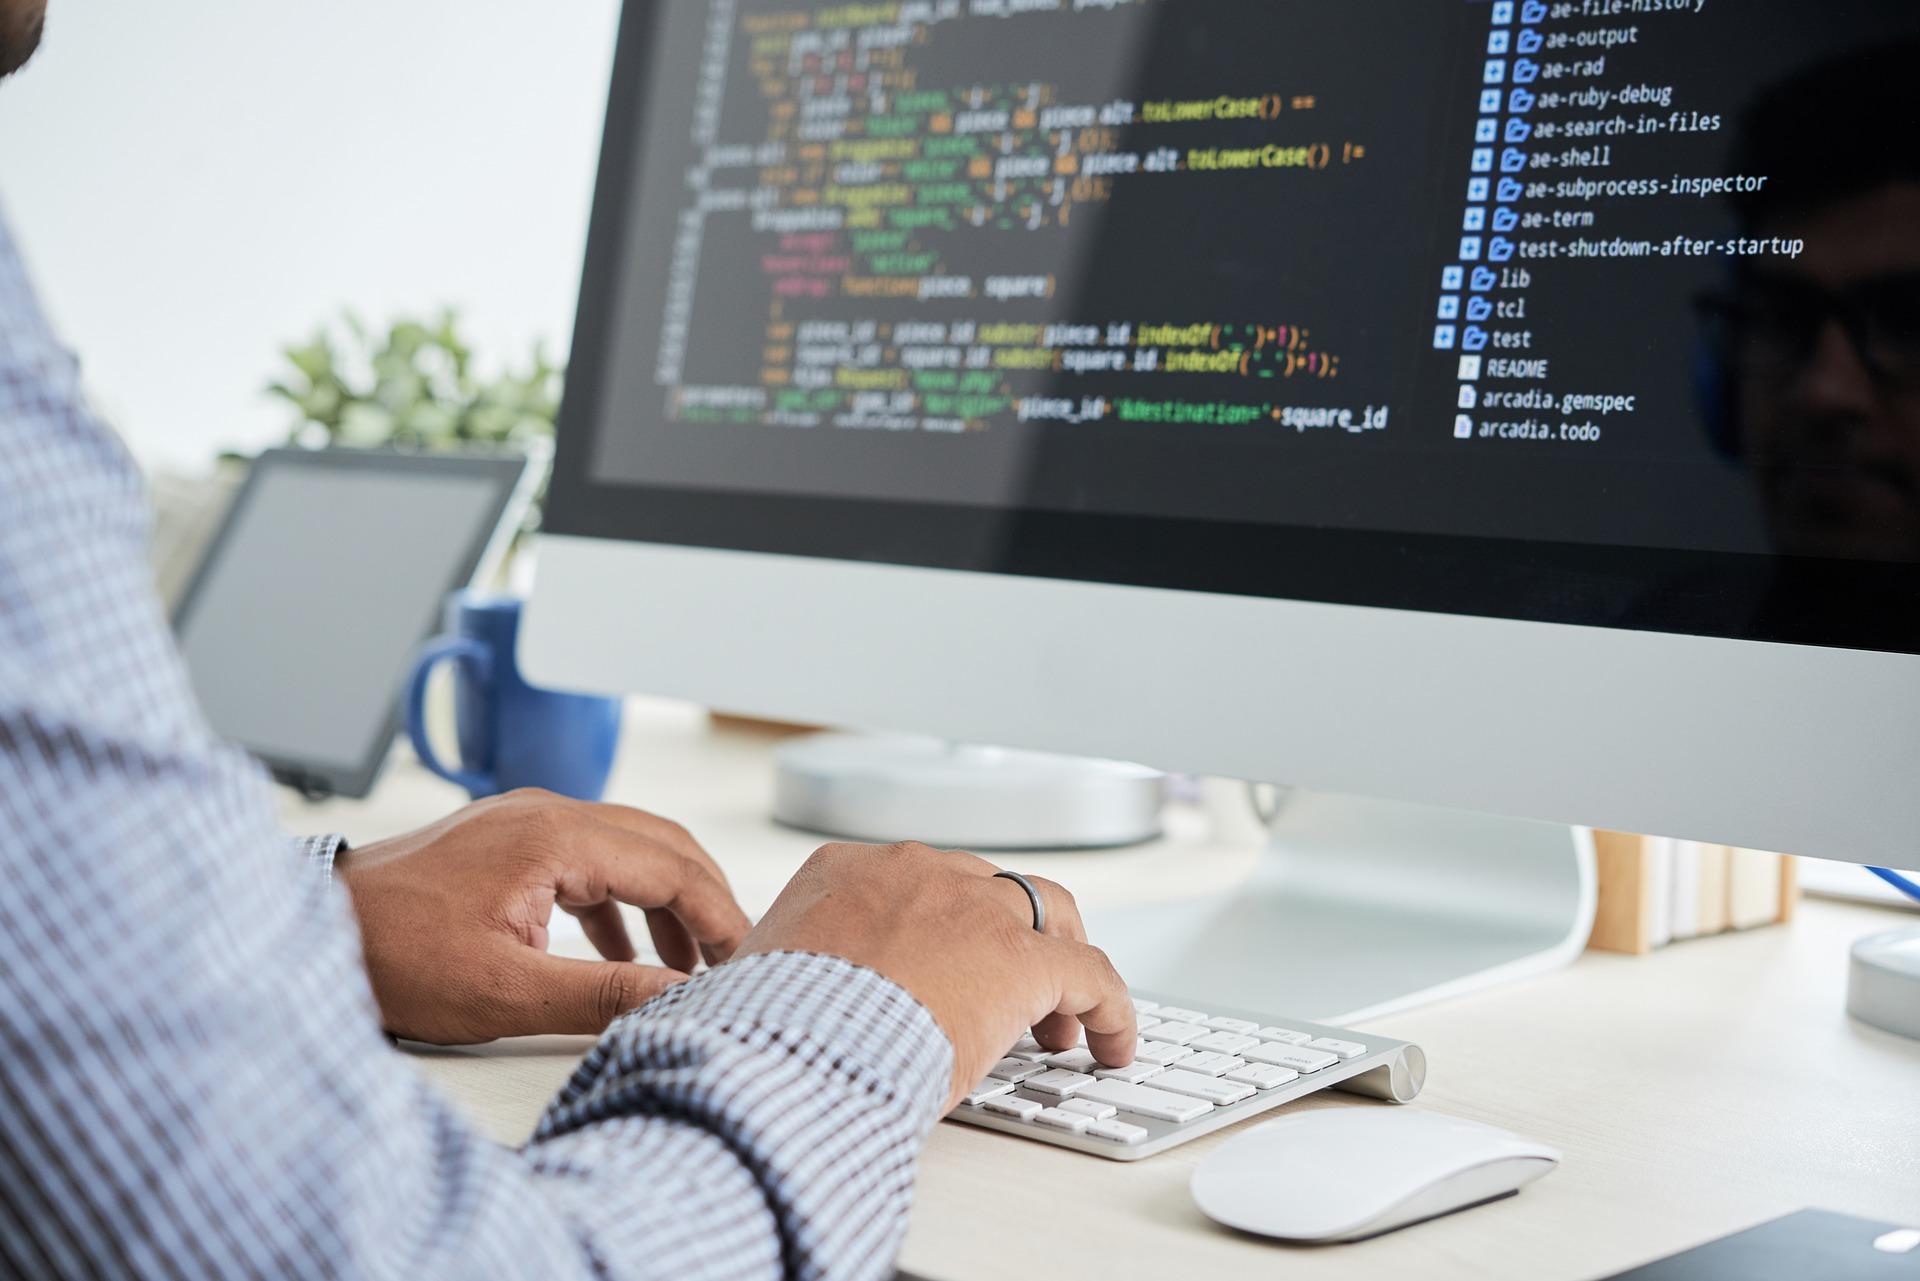 software development 6523979 1920